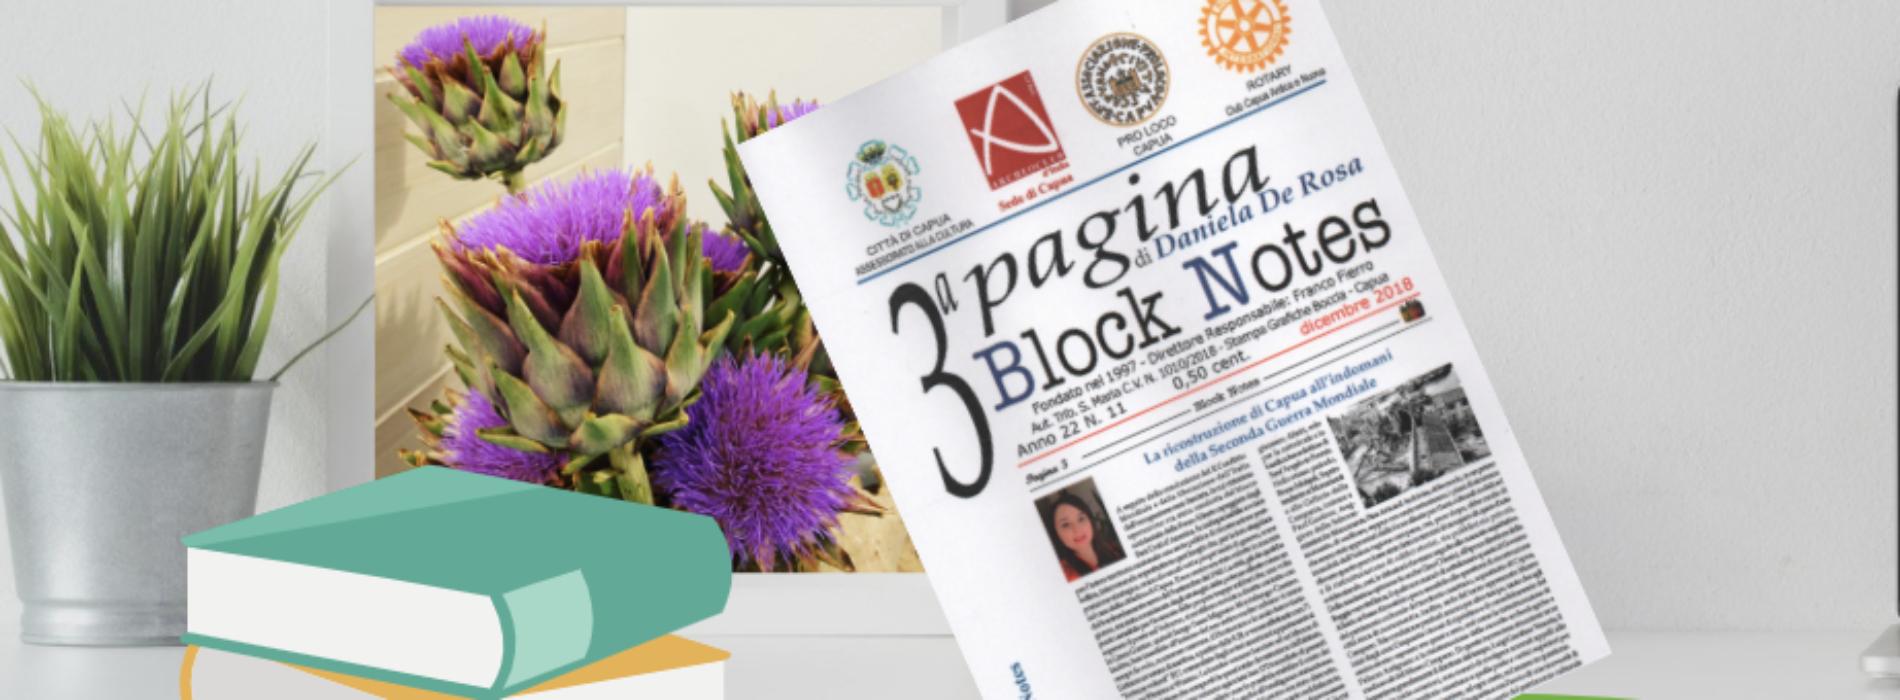 «3ª Pagina», Daniela De Rosa riscrive l'epica storia di Capua